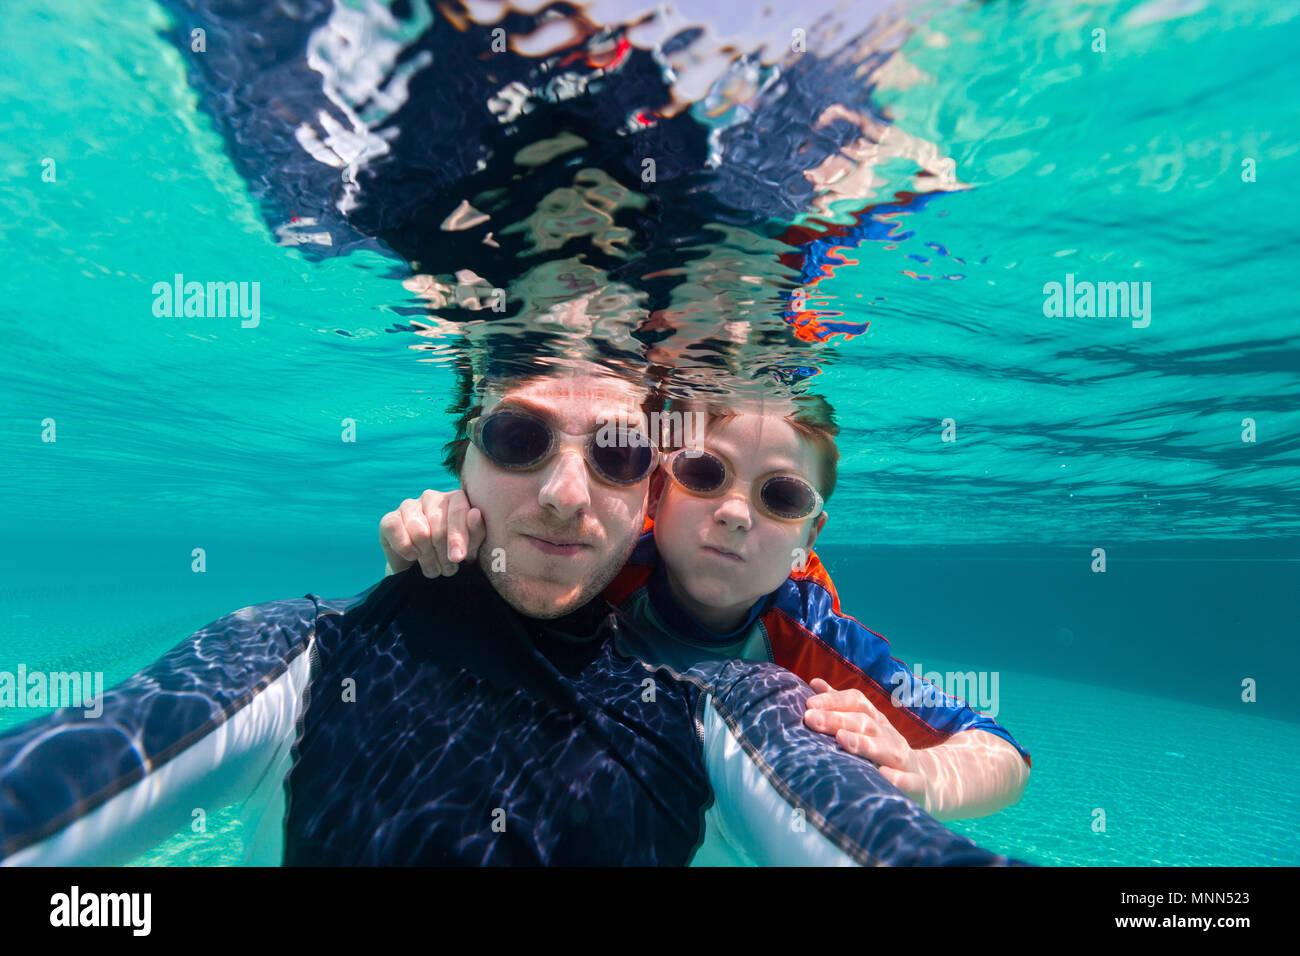 Père et fils nager sous l'eau et faire selfies Photo Stock